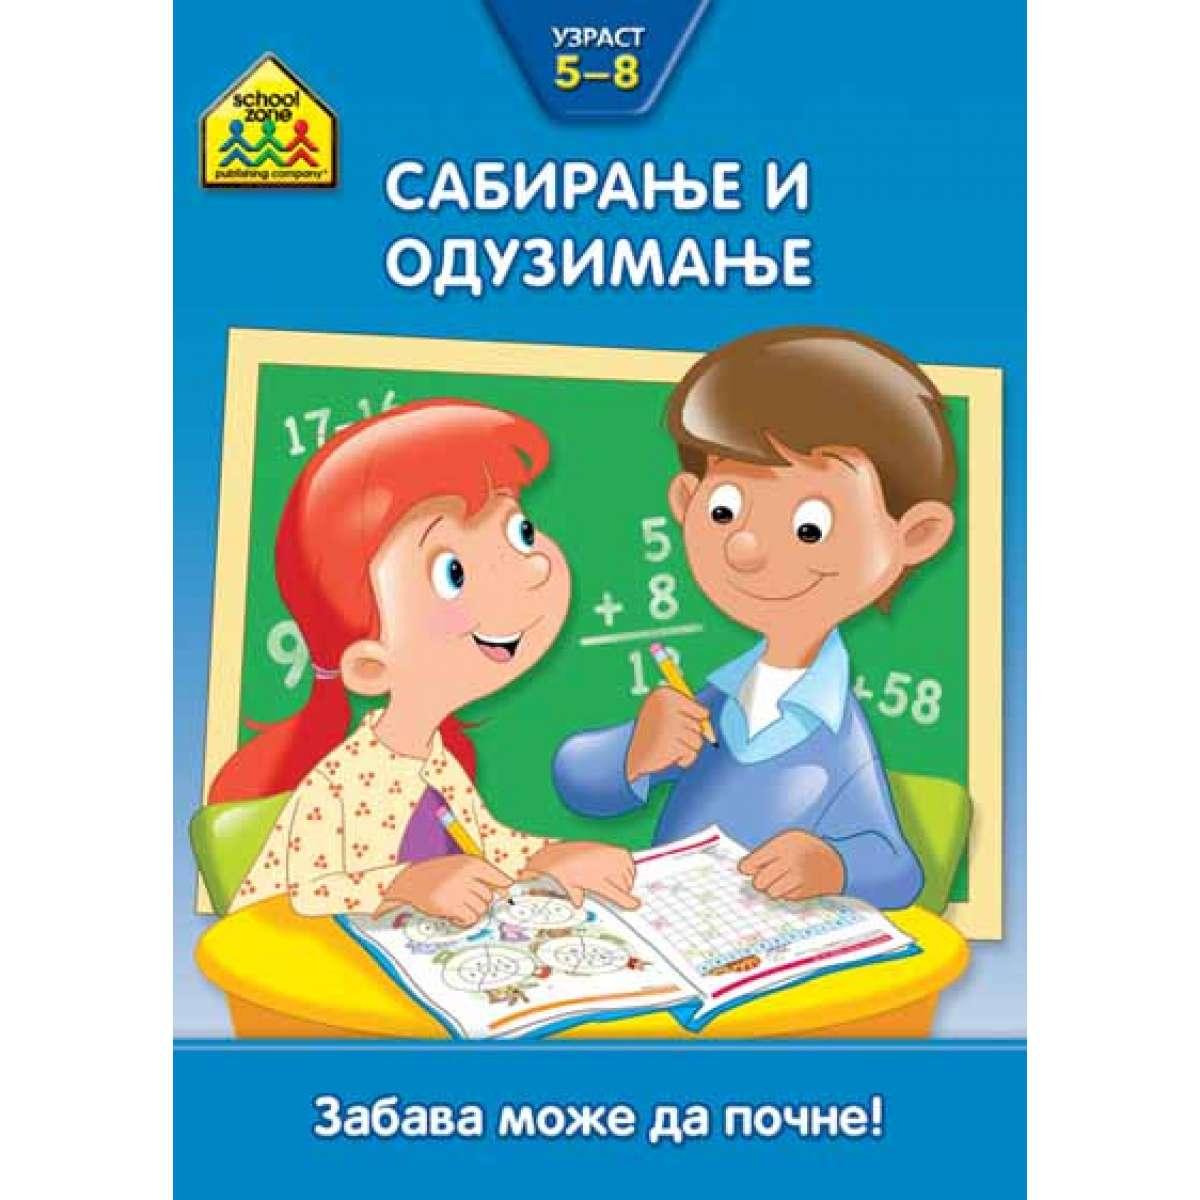 Vulkančićeva škola: SABIRANJE I ODUZIMANJE